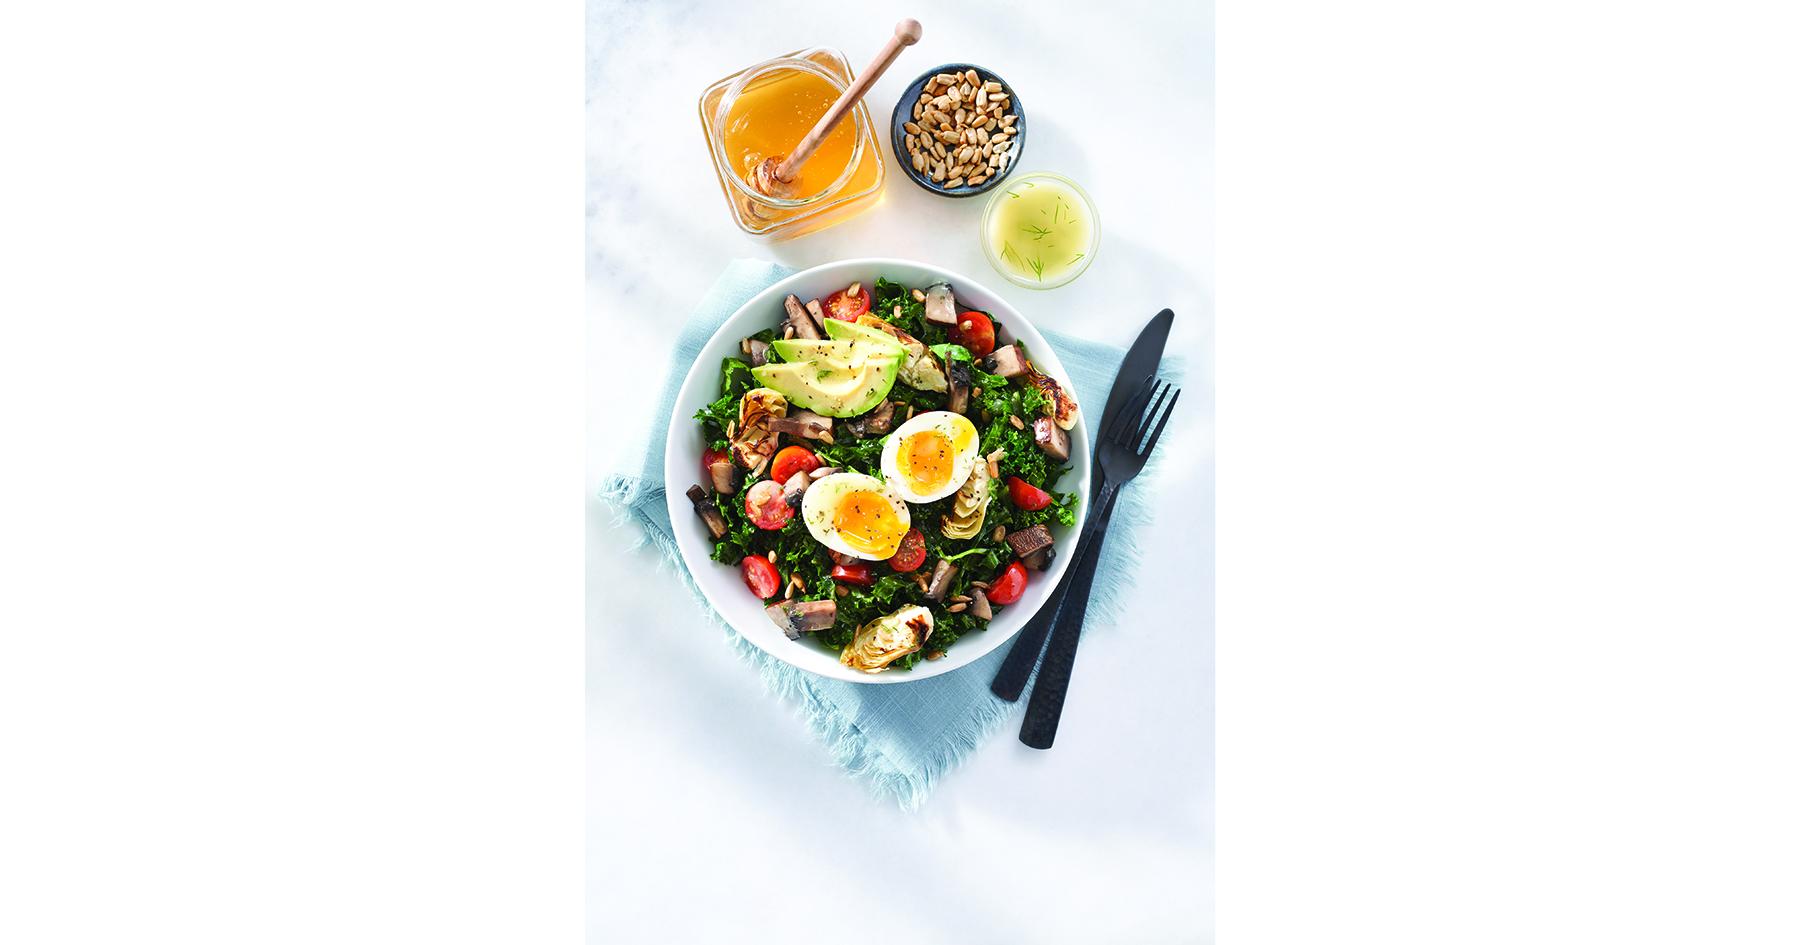 Honey Kale and Avocado Breakfast Salad